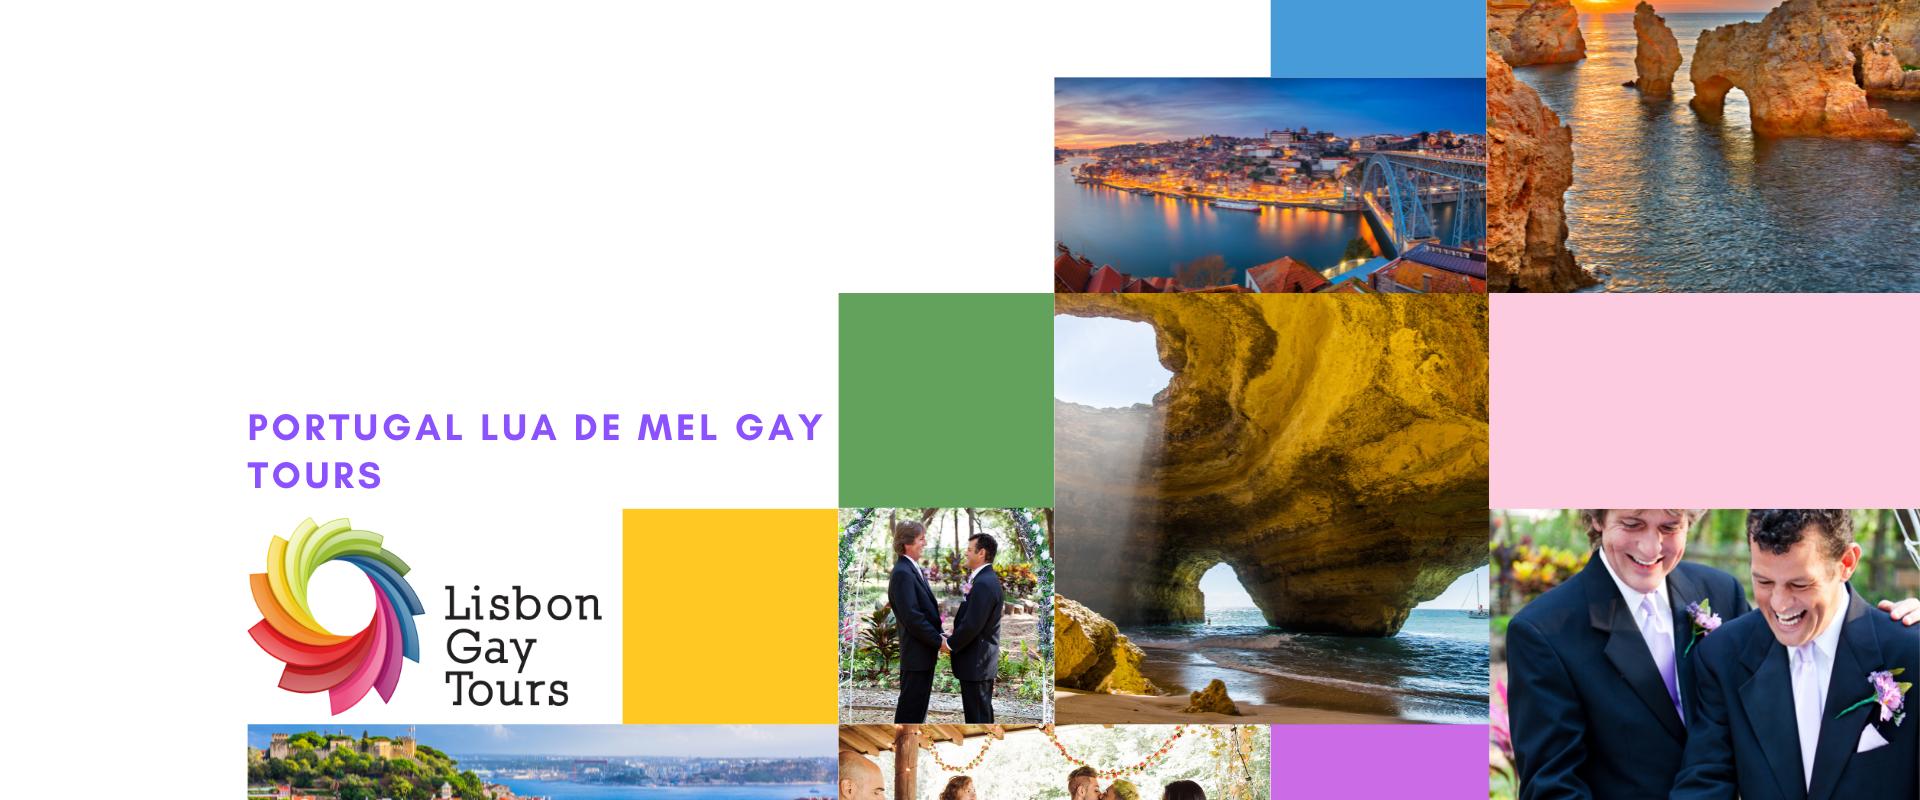 Portugal Lua de Mel Gay